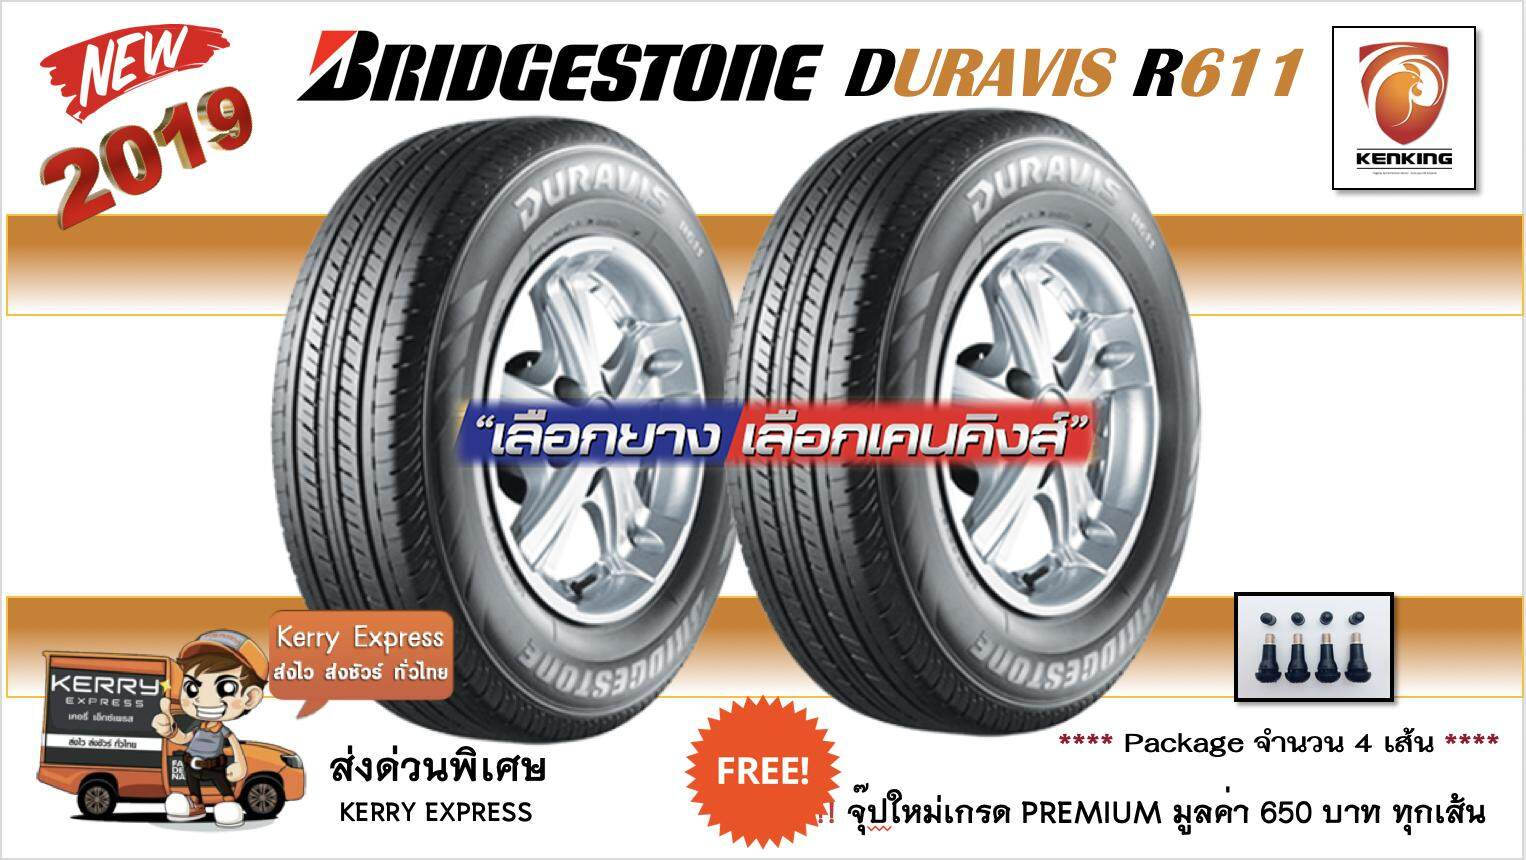 ประกันภัย รถยนต์ แบบ ผ่อน ได้ ร้อยเอ็ด ยางรถยนต์ขอบ16 Bridgestone 215/70 R16 Duravis R611 NEW!! ปี 2019 ( 2 เส้น ) ฟรี !! จุ๊ปเกรด Premium 650 บาท